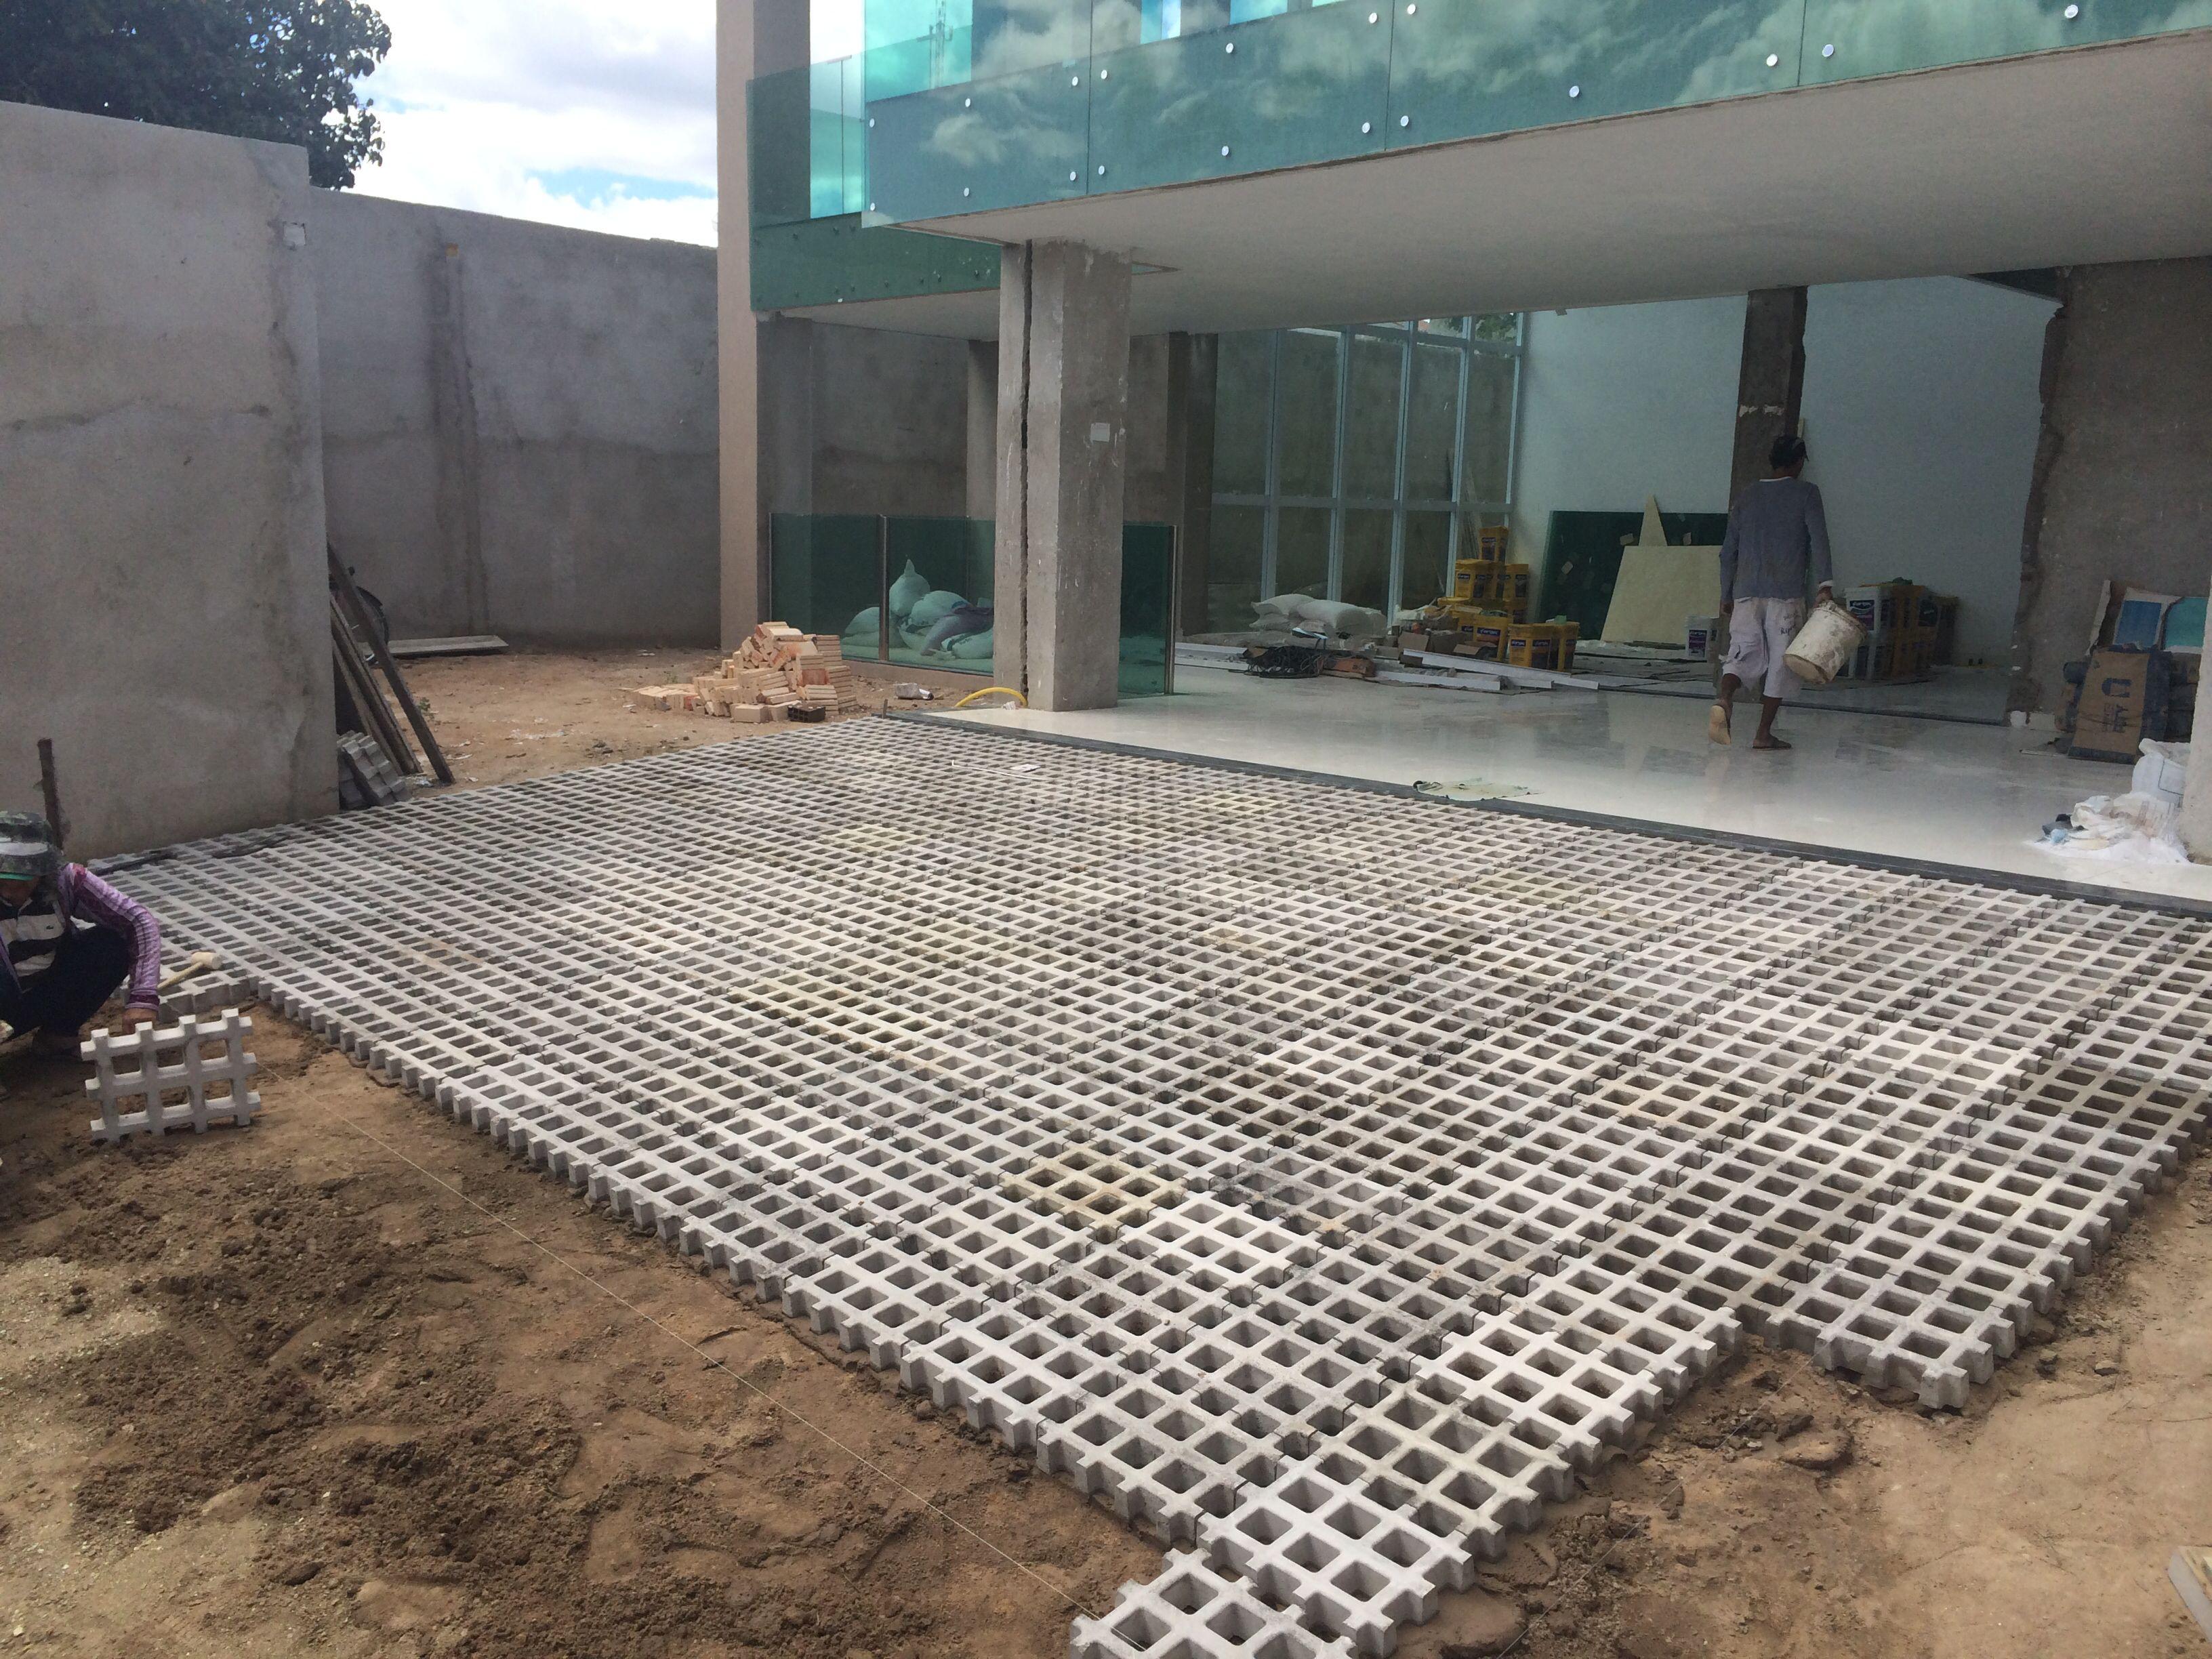 Outdoorküche Holz Joinville : Piso para rampa de garagem casa nova pinterest tijolo piso e